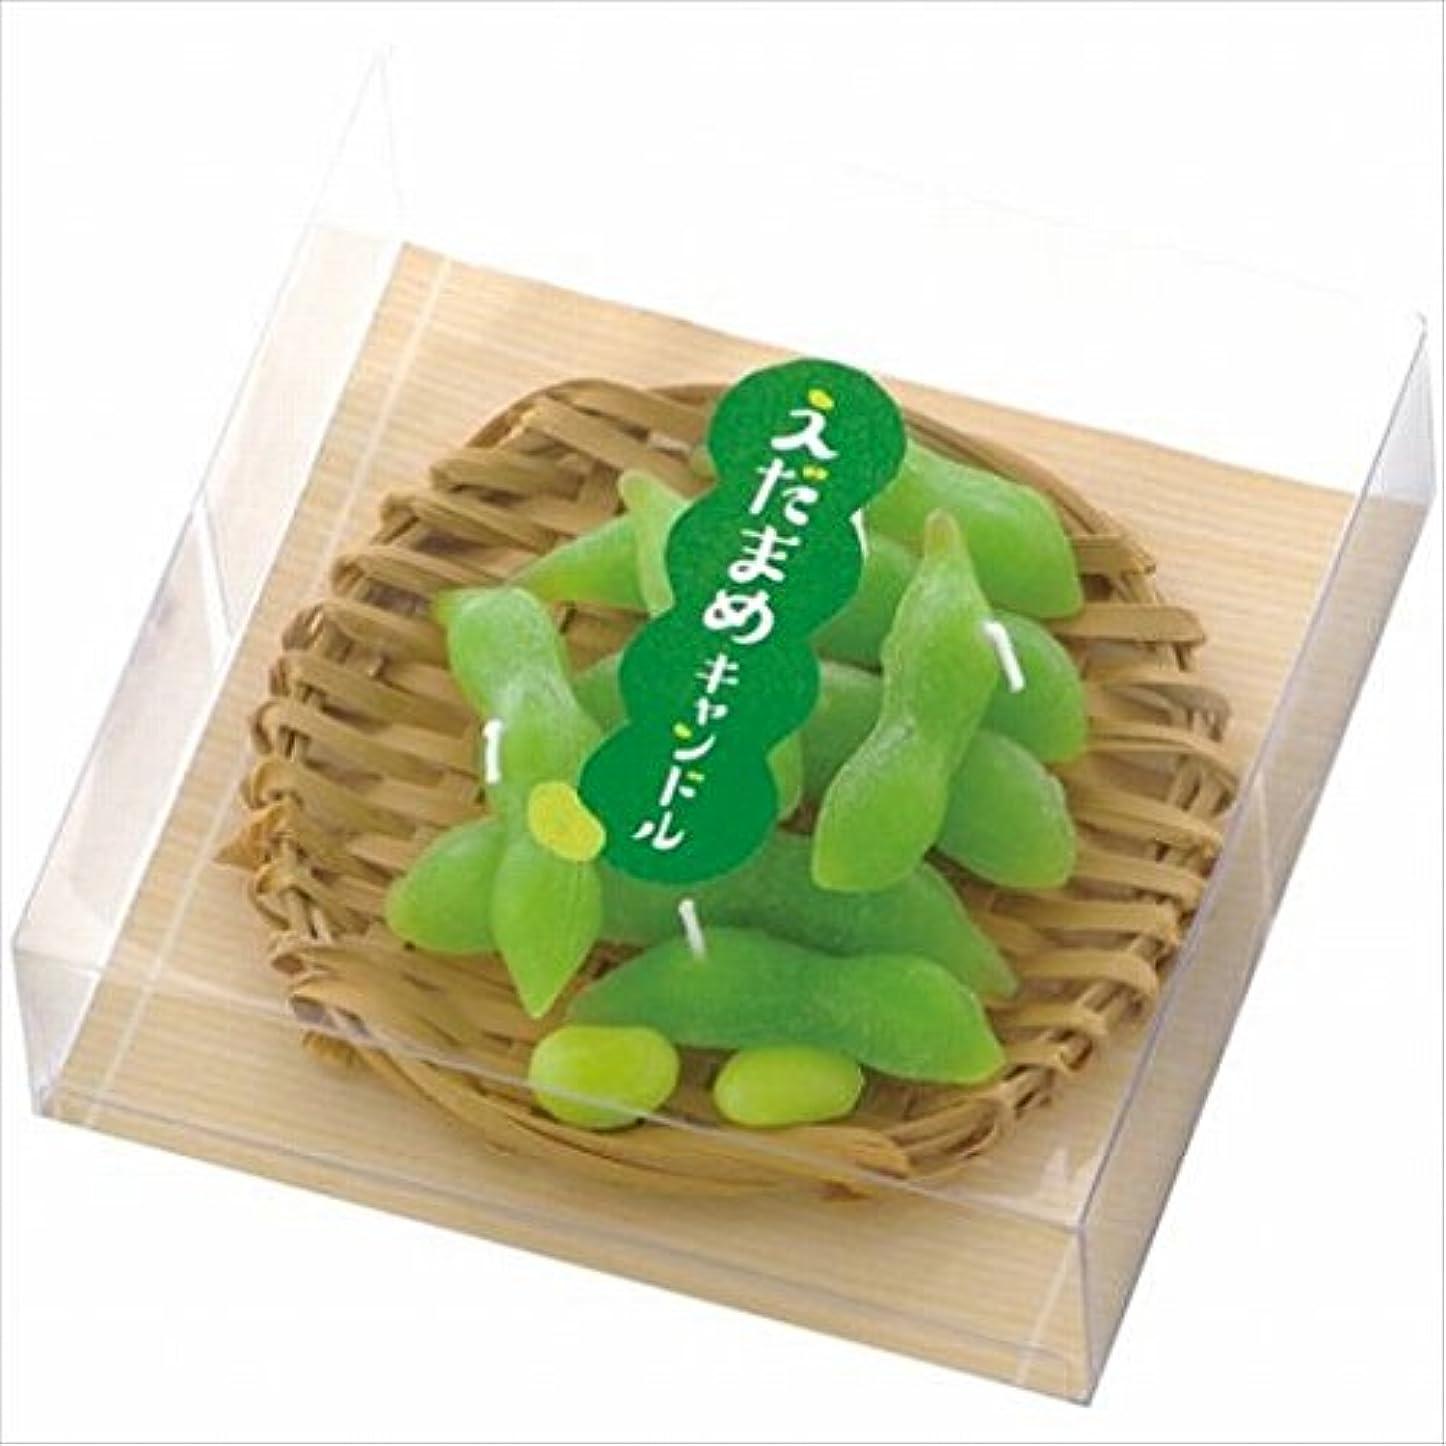 従う祭司災難kameyama candle(カメヤマキャンドル) えだまめキャンドル(86990000)